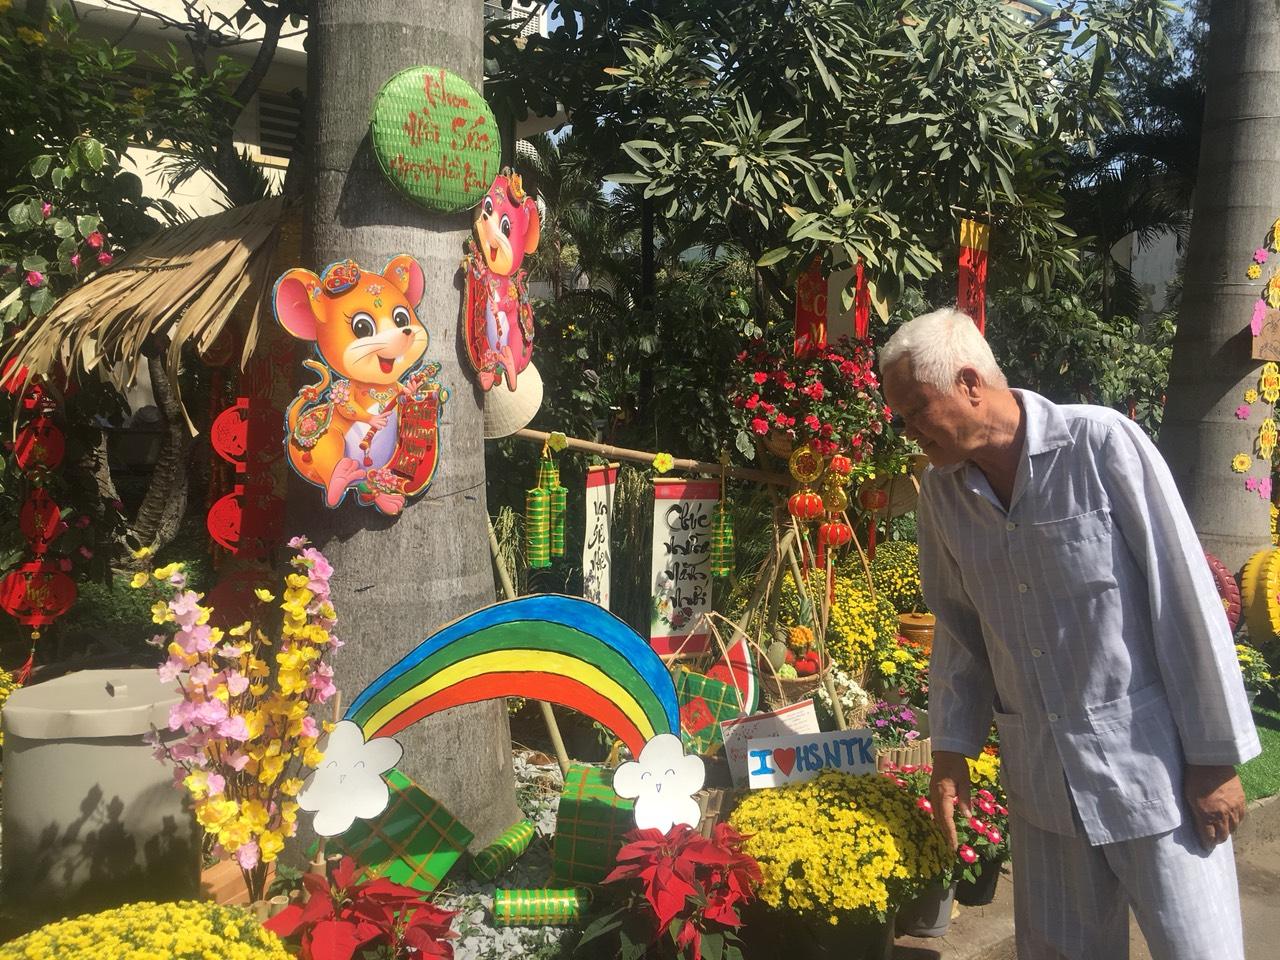 """Còn bệnh nhân Lê Tuấn Kiệt, 78 tuổi ở Cà Mau cũng lần đầu trong đời mới thấy được đường hoa nên ông cứ chầm chậm đi tham quan từng tiểu cảnh một. Ông ngó nghiêng, quan sát từng chậu bông, khóm trúc và cứ tặc lưỡi """"đẹp quá, đẹp quá"""". Ông nói: """"Vô bệnh viện mà nhìn cảnh đẹp thế này đang bệnh mà cũng muốn hết bệnh luôn""""."""